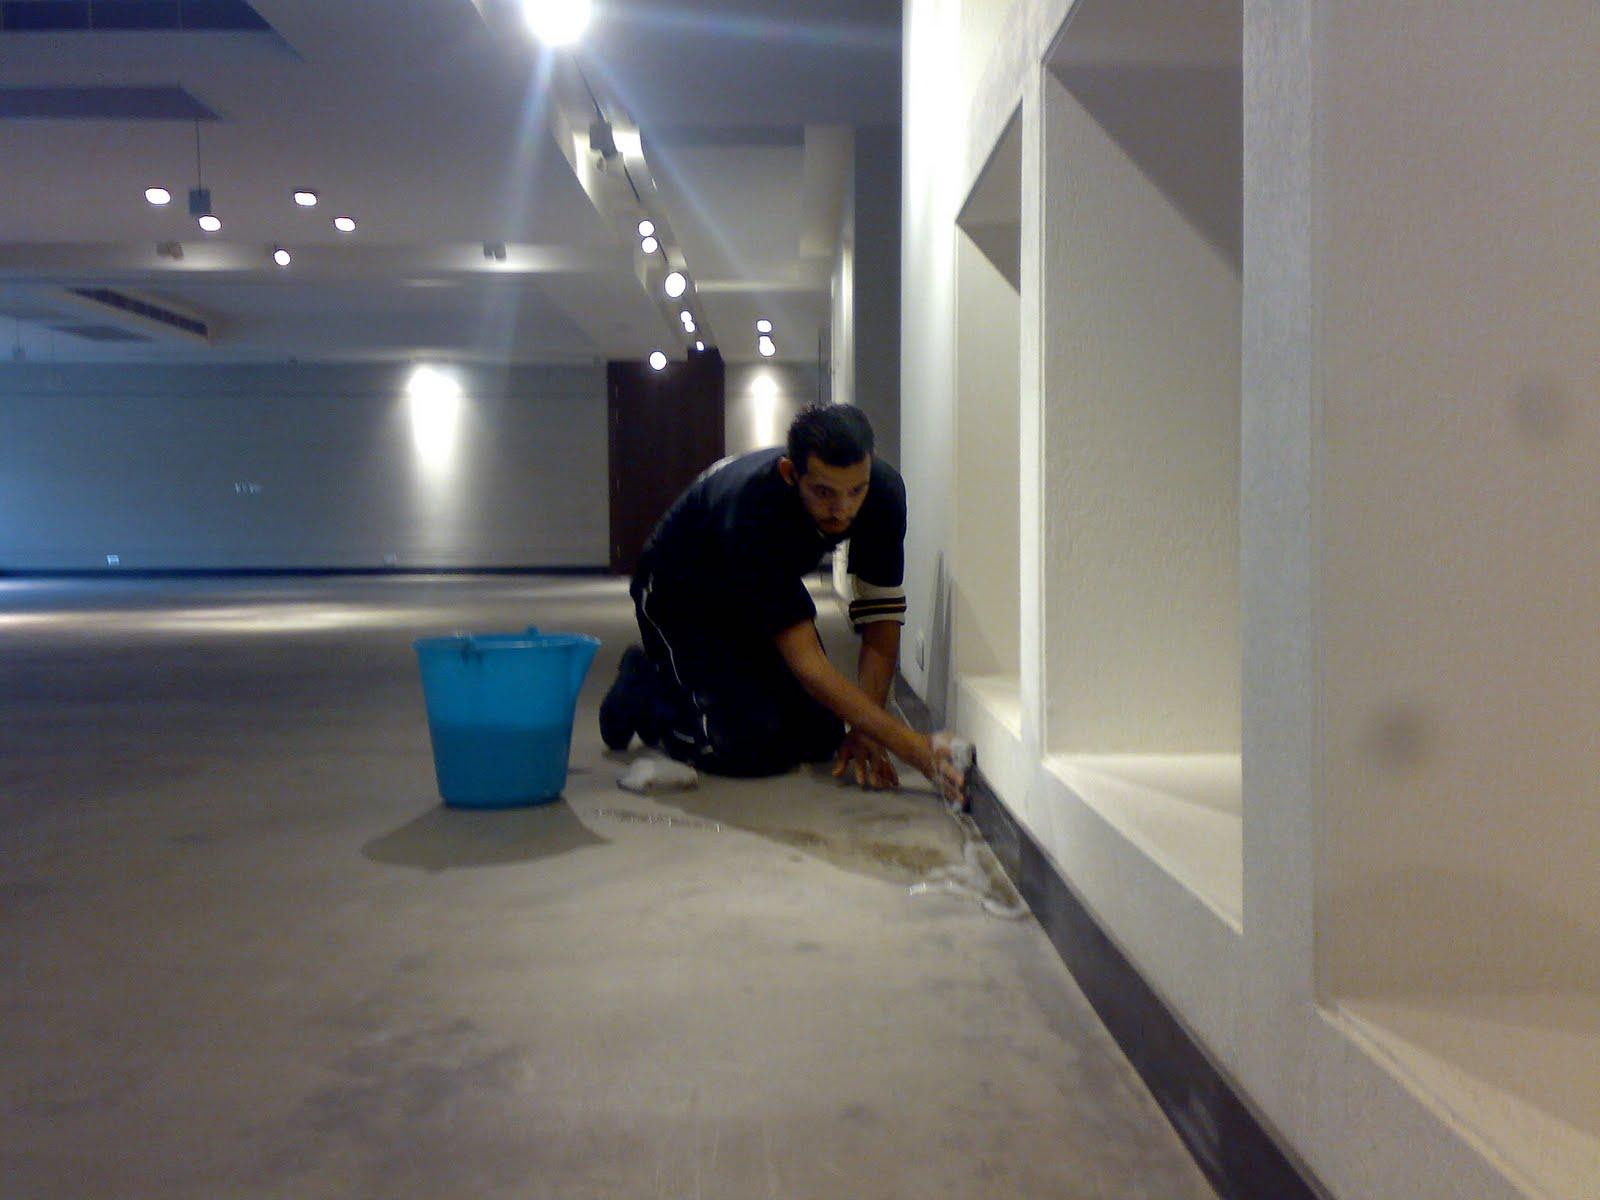 صور شركة تنظيف فلل بالرياض , احسن شركات لرش البيوت